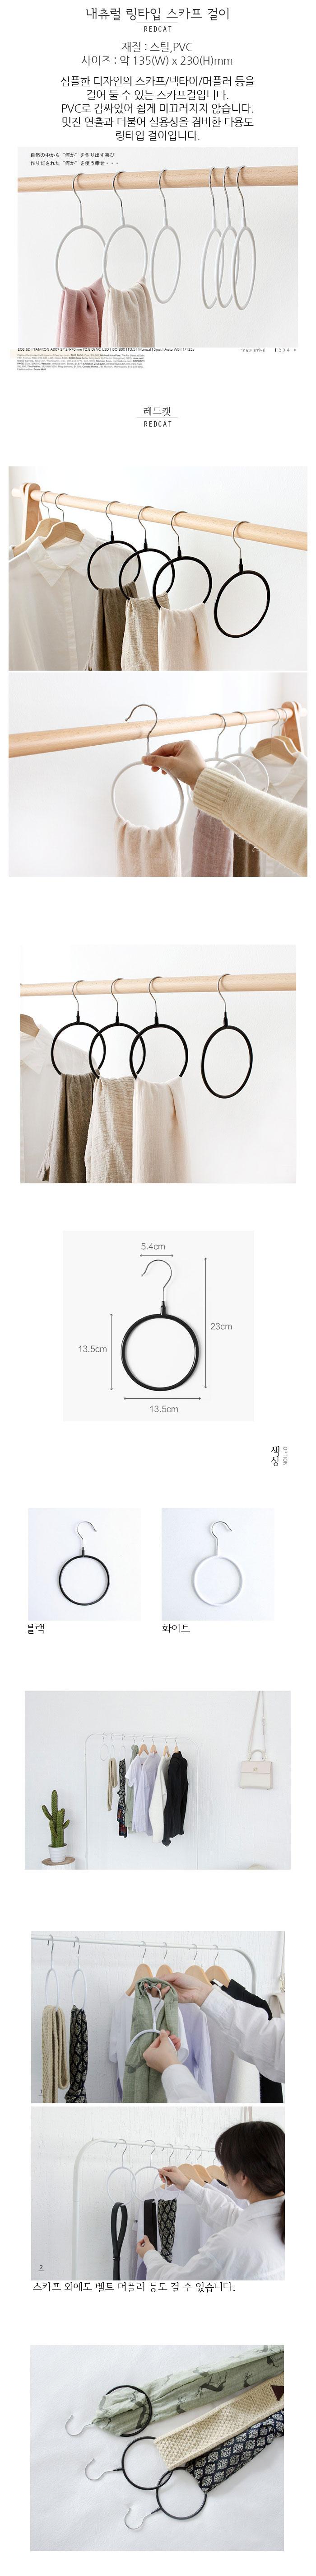 내츄럴 링타입 스카프 걸이 - 네코리빙, 1,280원, 행거/드레스룸/옷걸이, 다용도훅/홀더랙